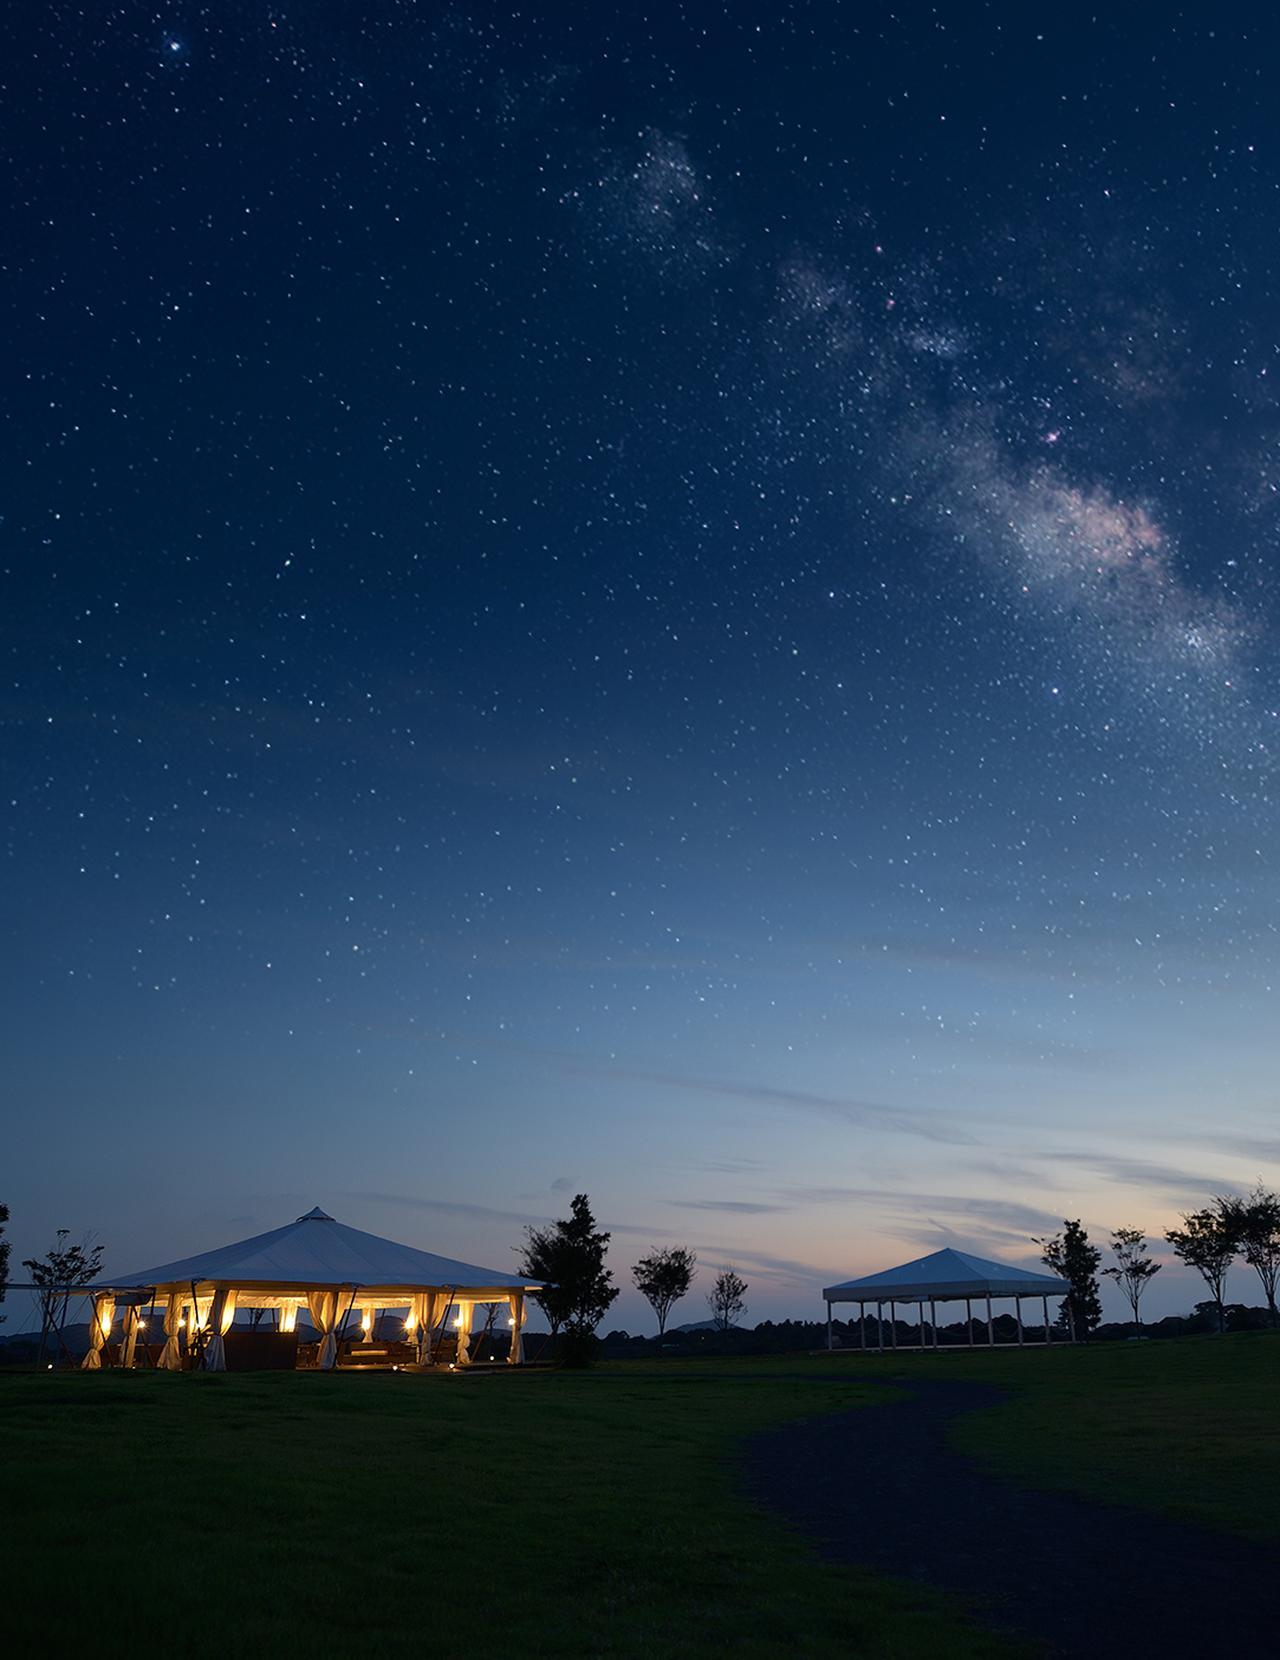 画像: 雄大な自然を望むリゾートホテルから眺める星空